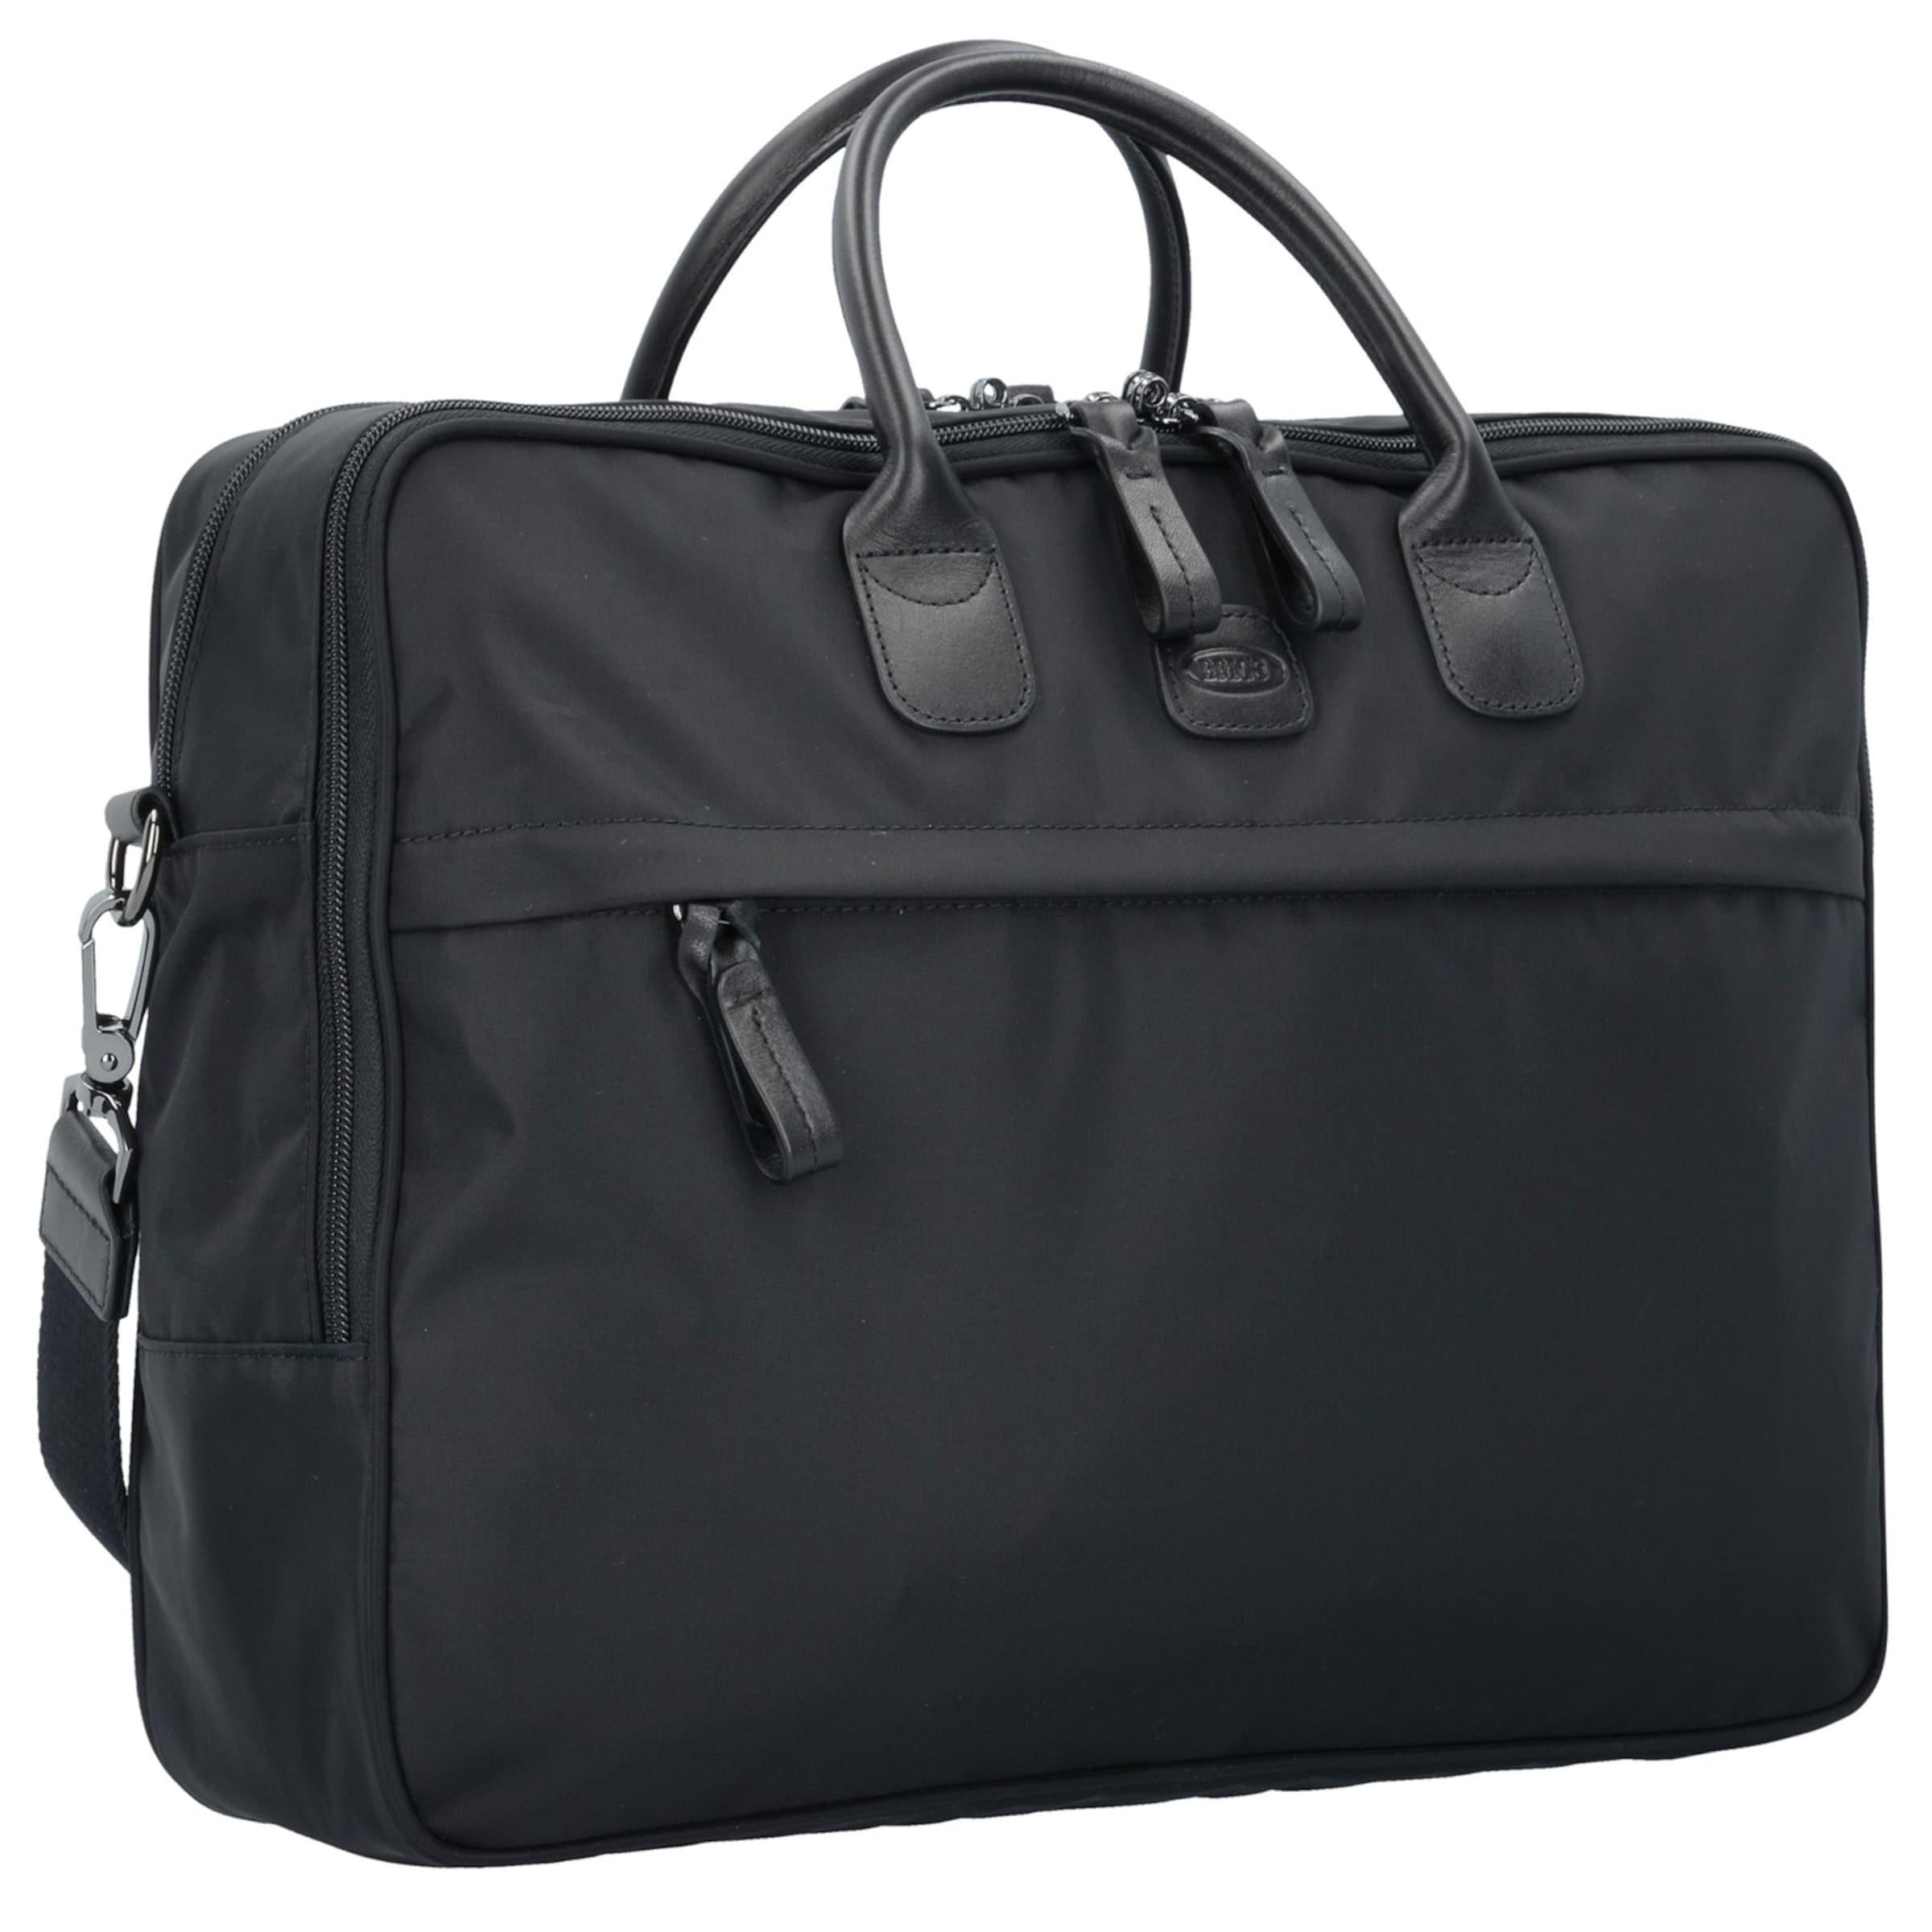 Neue Ankunft Verkauf Online Bric's X-Travel Umhängetasche 36 cm 2018 Auslaß Sast Online Spielraum 2018 Neu Billig Verkaufen Bilder hMF5O8oi57